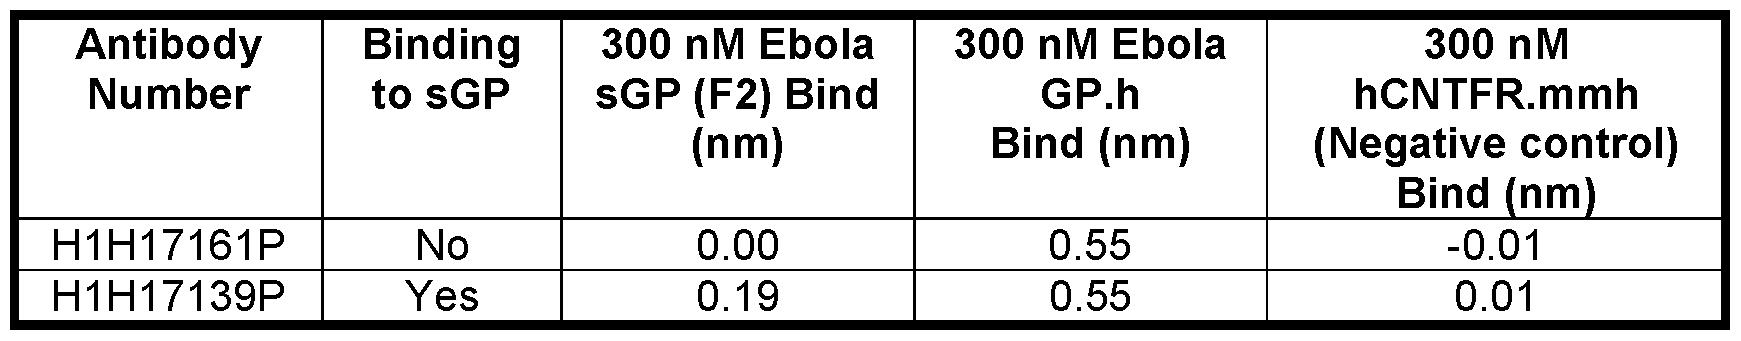 WO2016123019A1 - Human antibodies to ebola virus